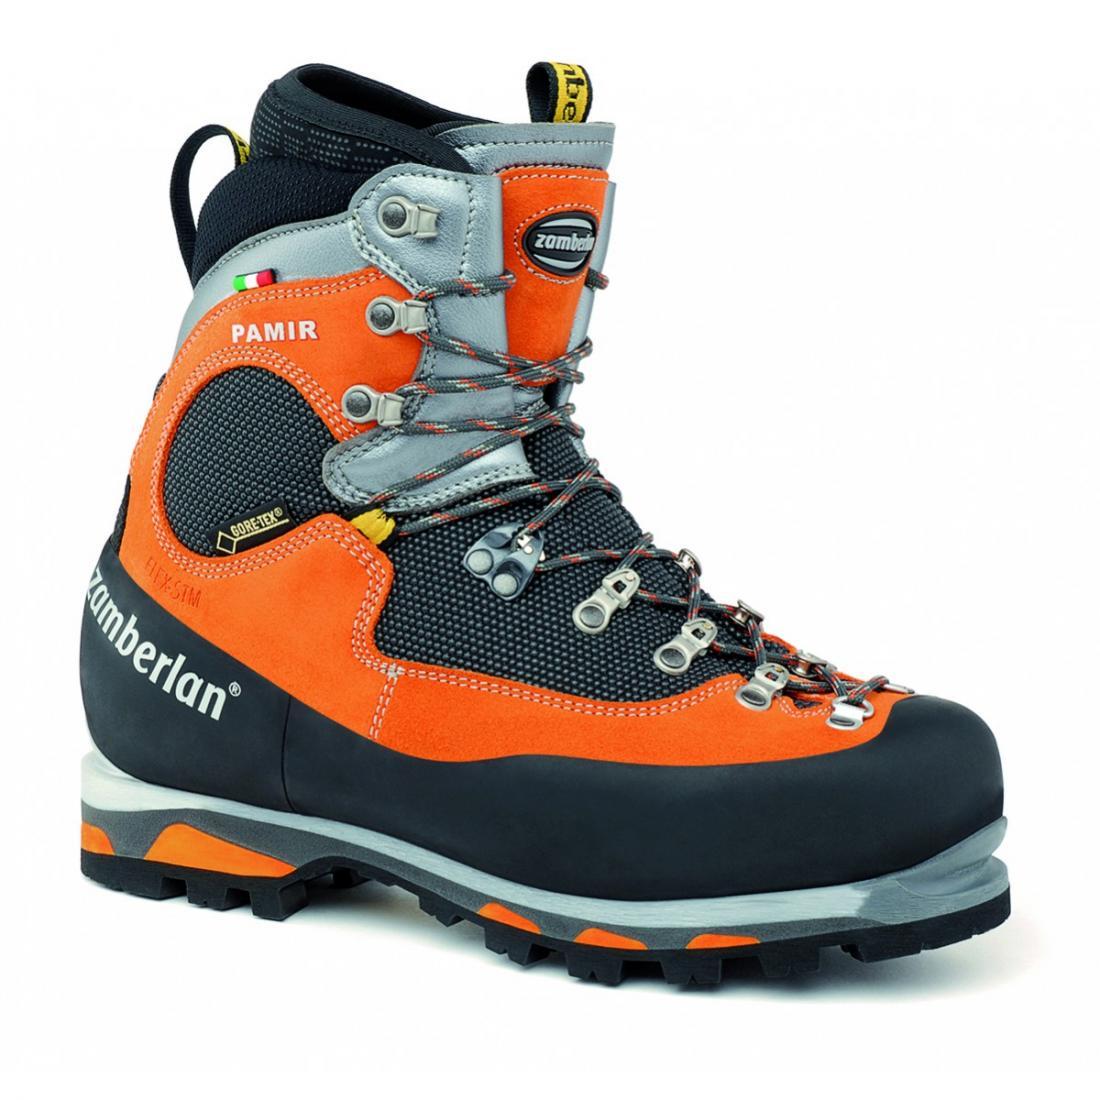 Ботинки 2080 PAMIR GTX RRАльпинистские<br><br><br>Цвет: Оранжевый<br>Размер: 46